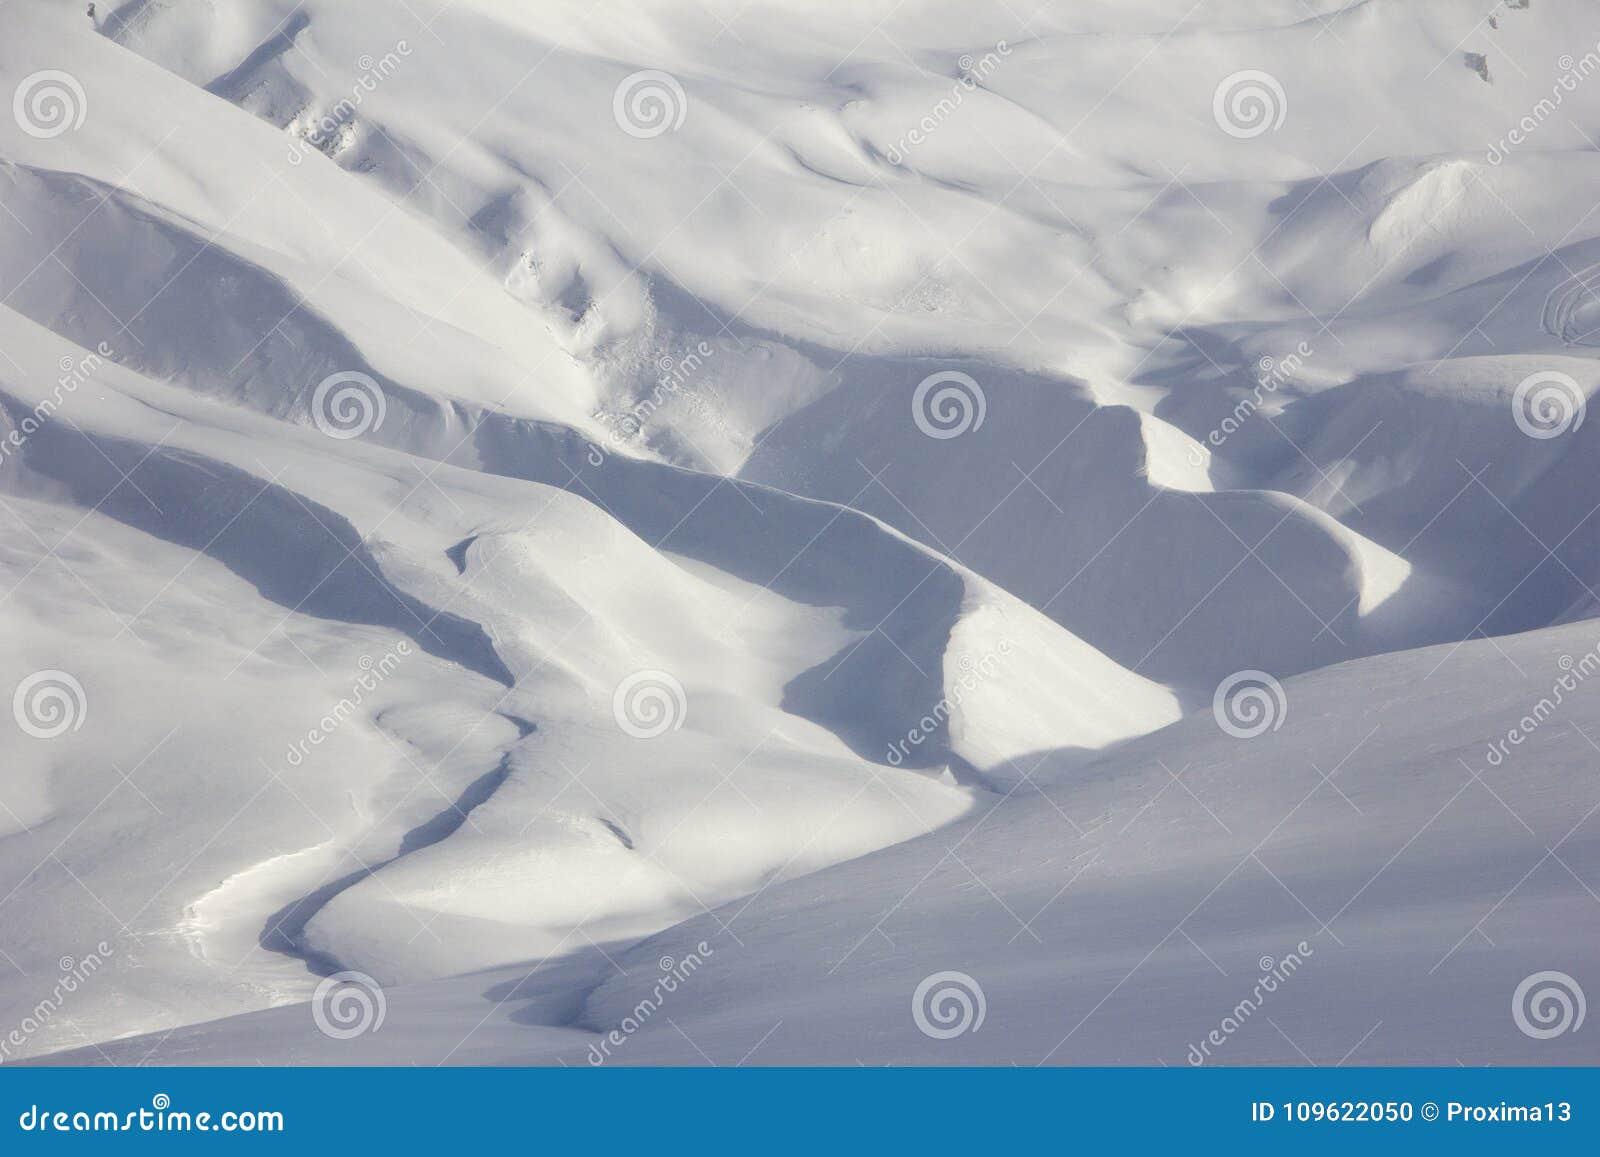 Топография горы Snowy извиваясь, тени белого и голубого